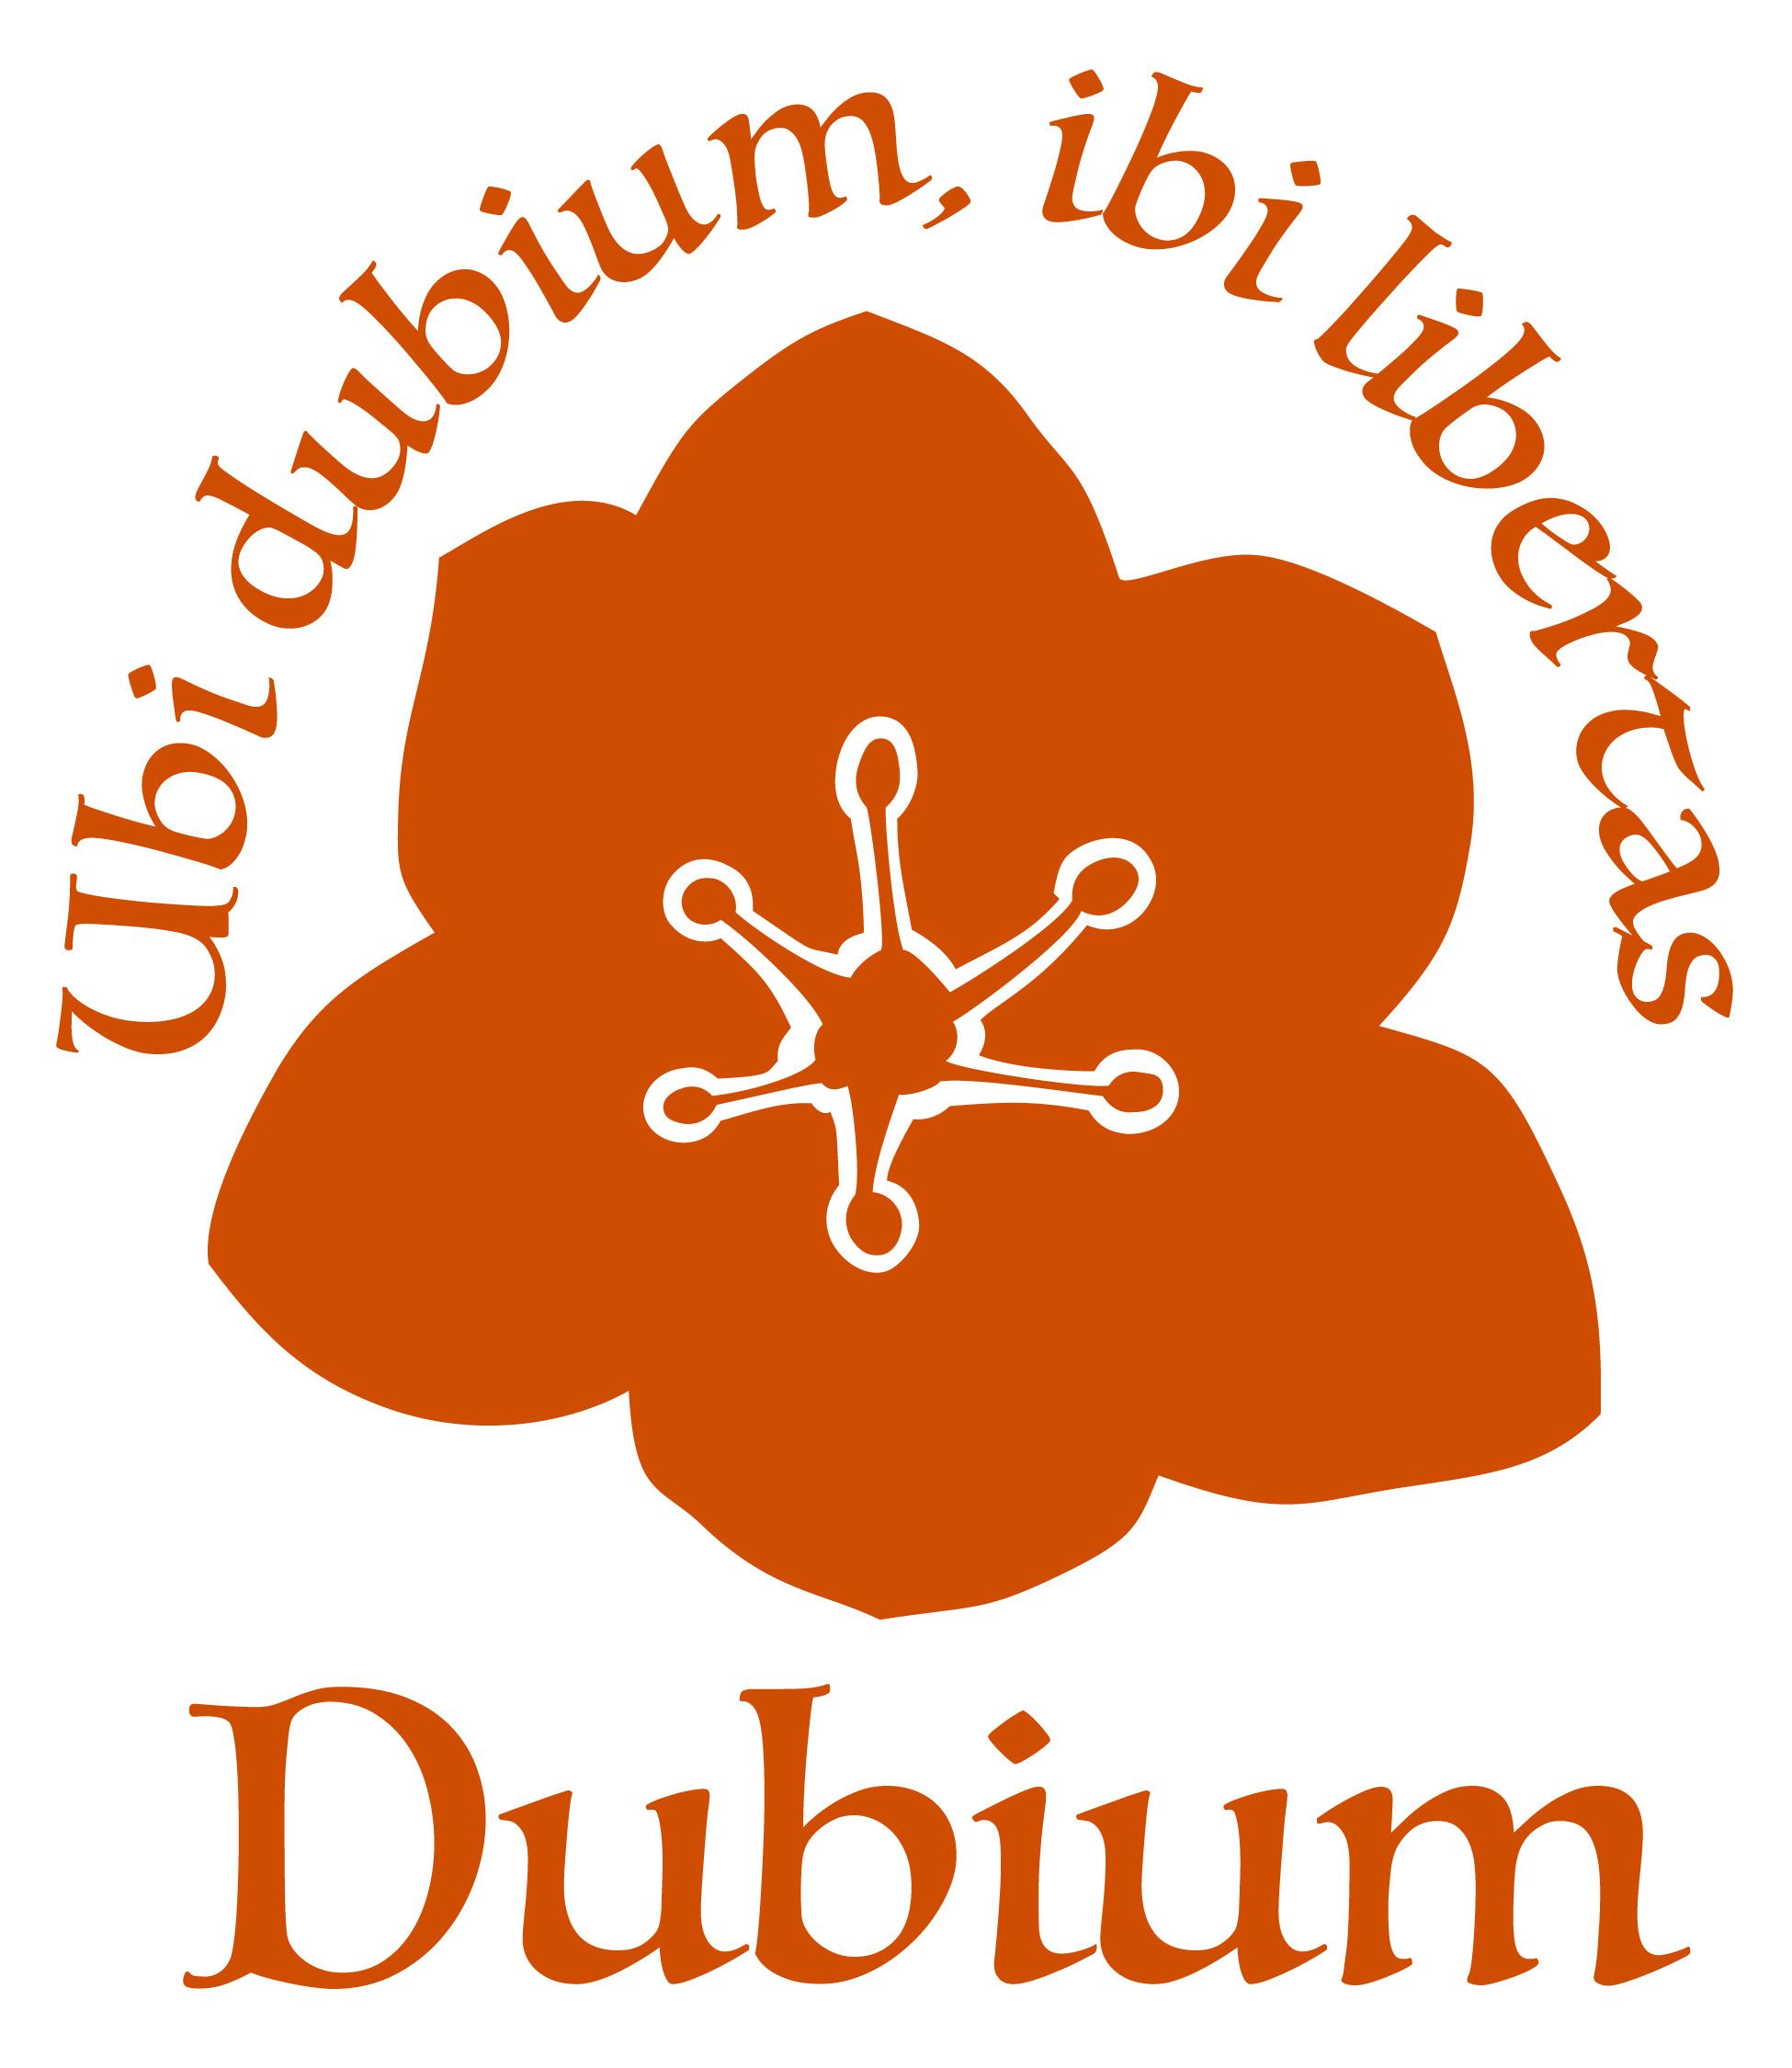 Dubium 3